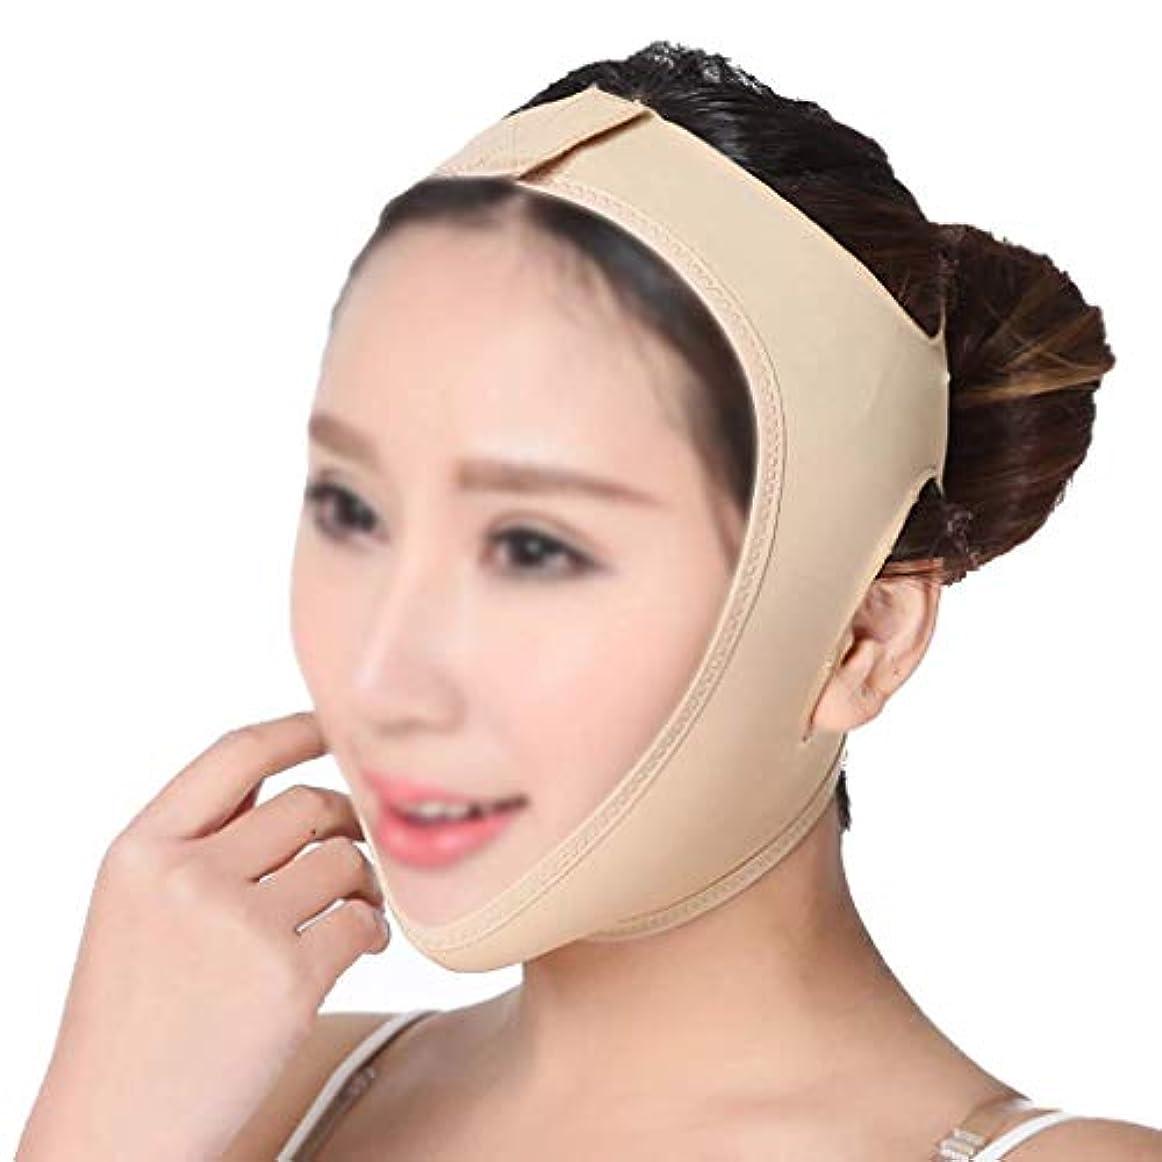 ナプキン取得マリンフェイスリフティングマスク、リフティングチン、フェイシャルスキン、頬垂れ防止、快適で 生地、詰まることを拒否、着用が簡単(サイズ:M),S